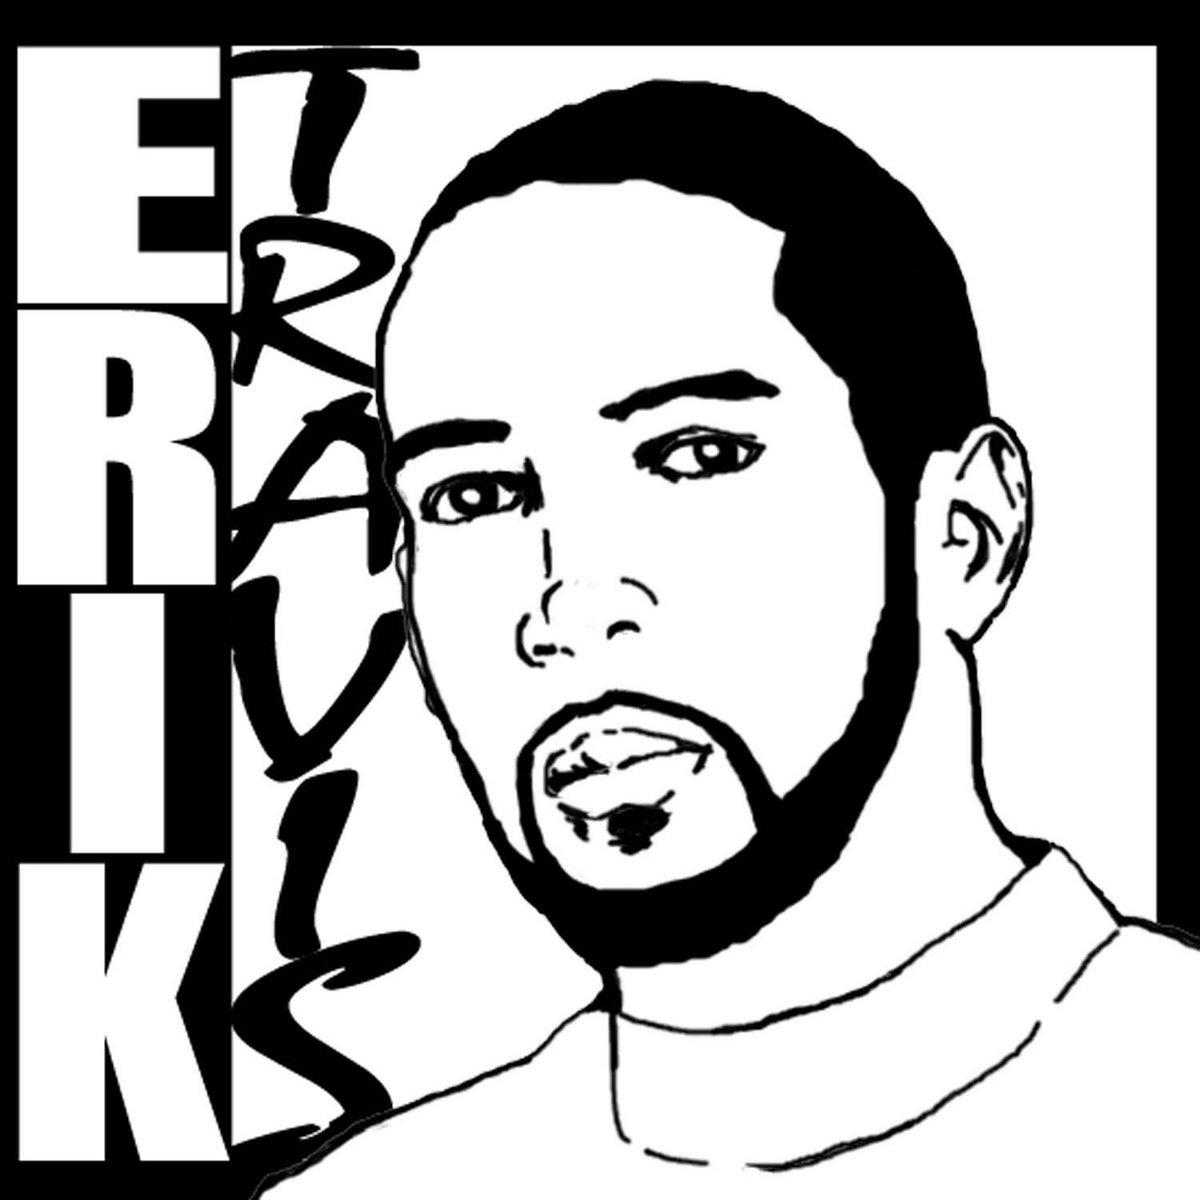 Tic Tic Boom Erik Travis